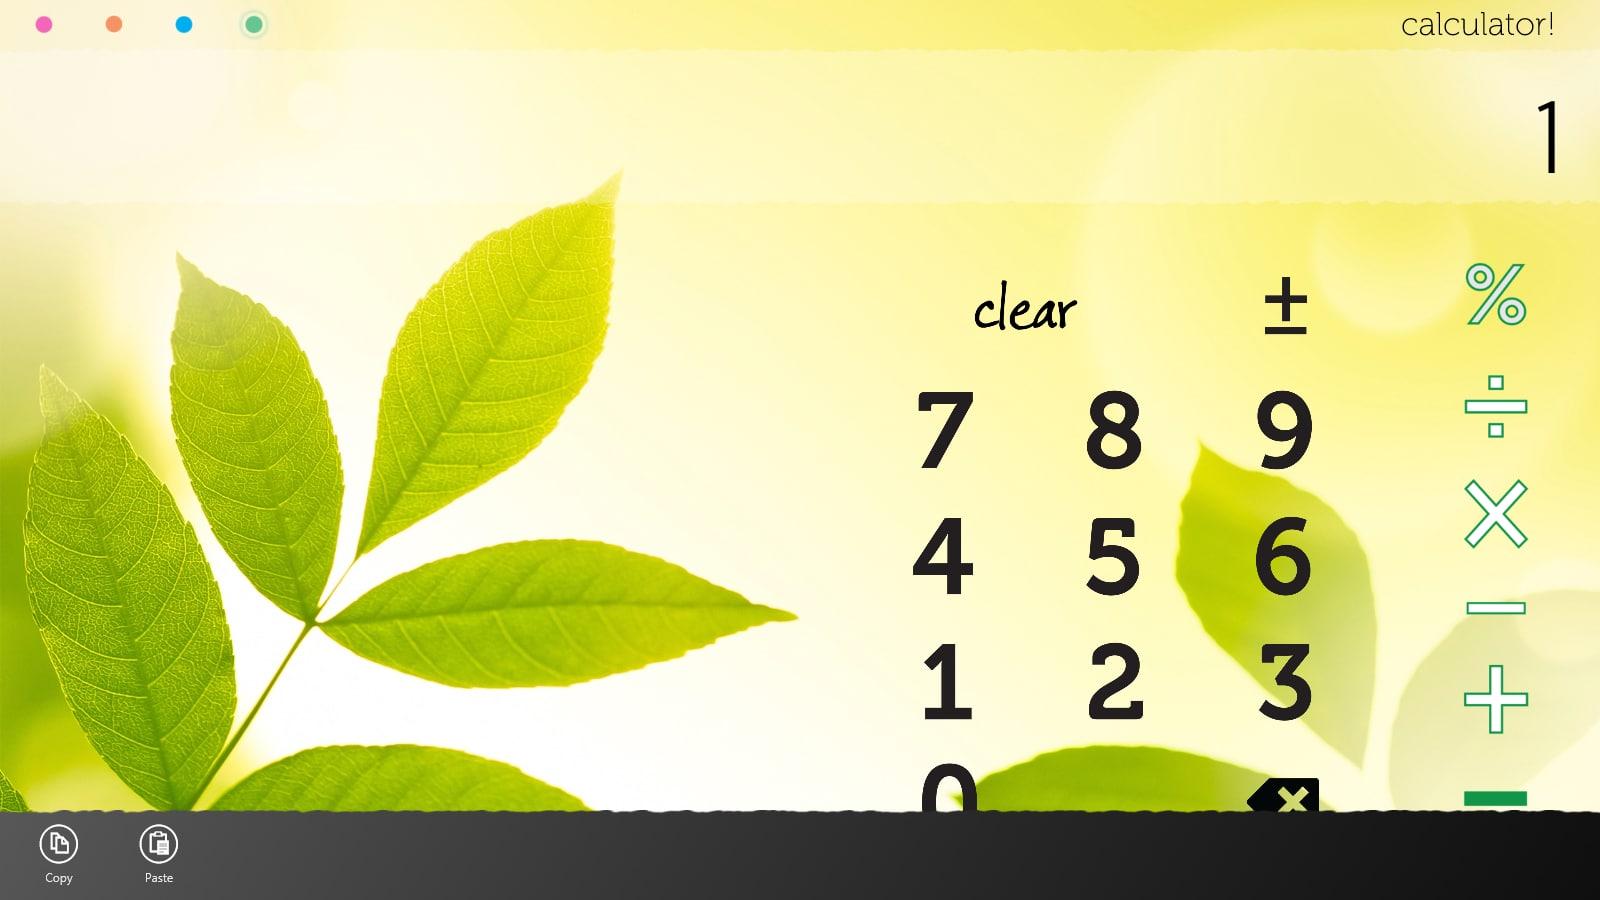 Calculatrice Gratuite pour Windows 10